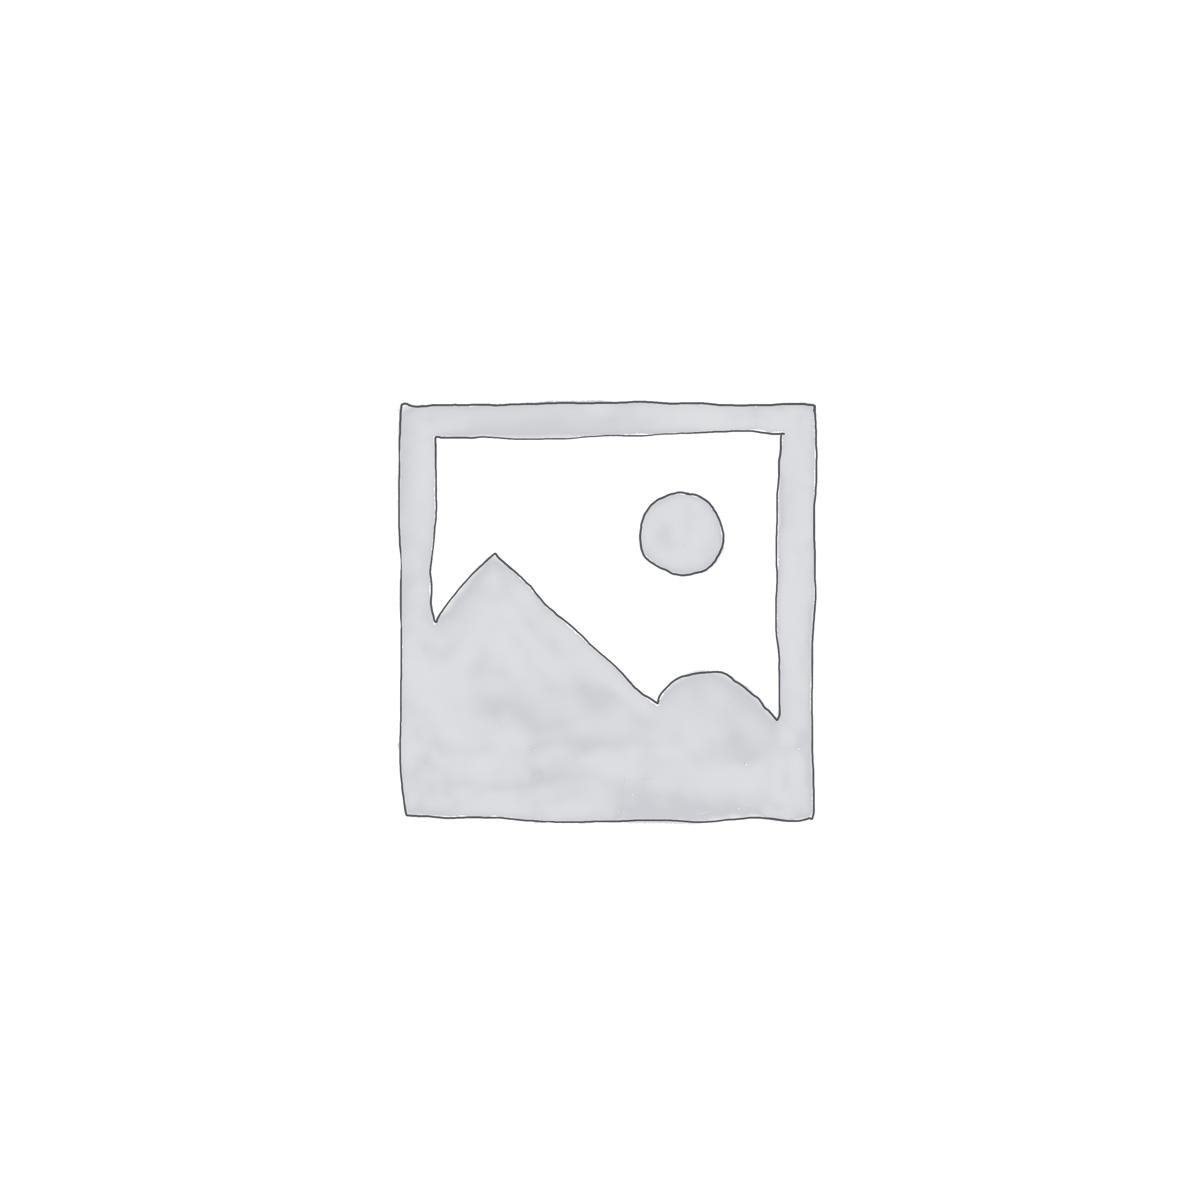 Sea Turtle and Zebrafish Wallpaper Mural